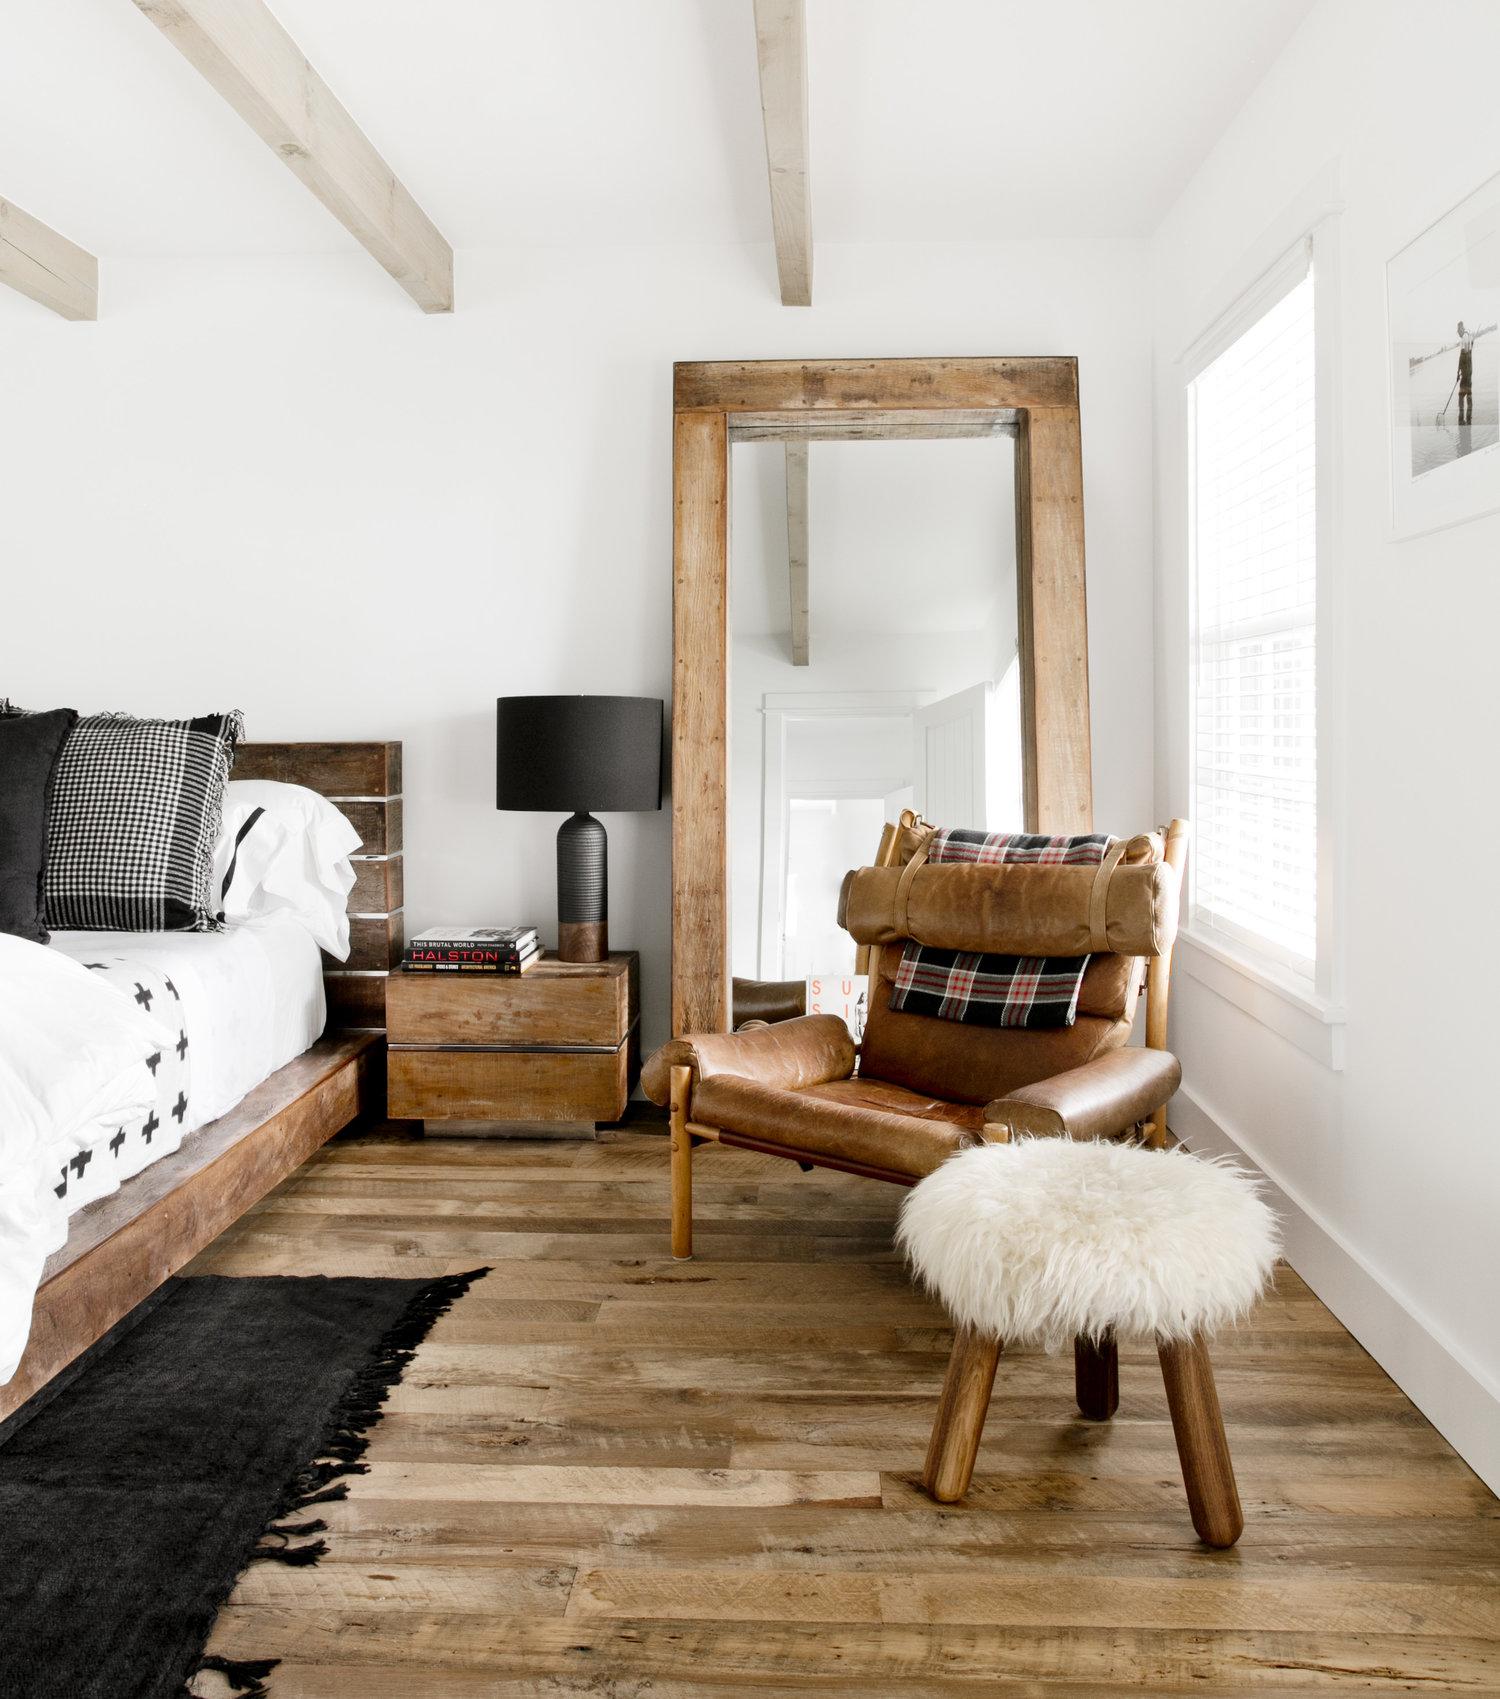 спальня белые стены деревянный пол потолок балки прикроватные тумбы лампы напольное зеркало кожаное кресло табурет